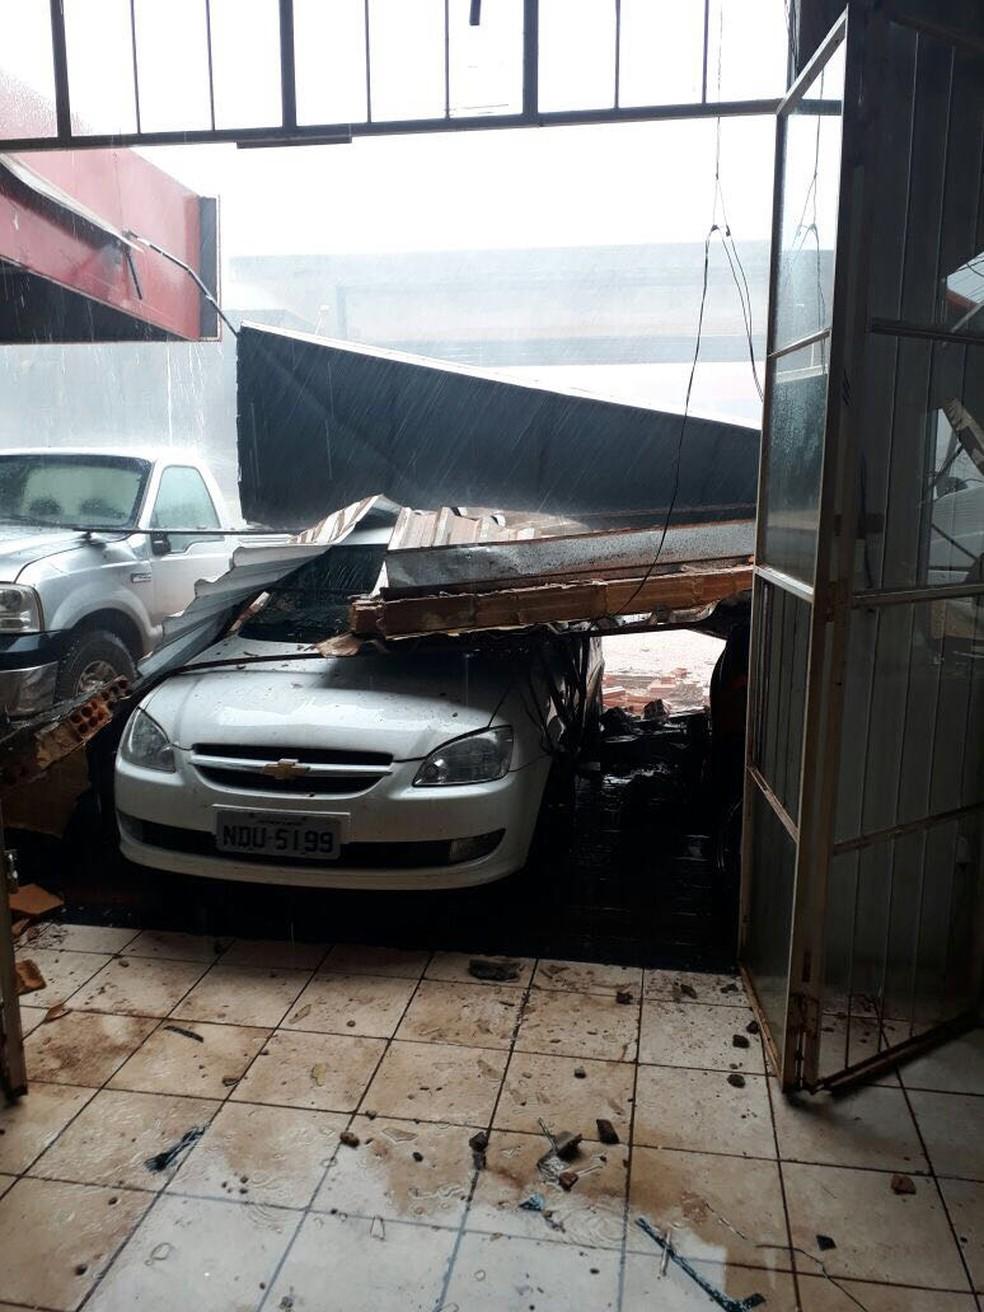 Vários telhados danificaram em temporal (Foto: Reprodução/WhatsApp)